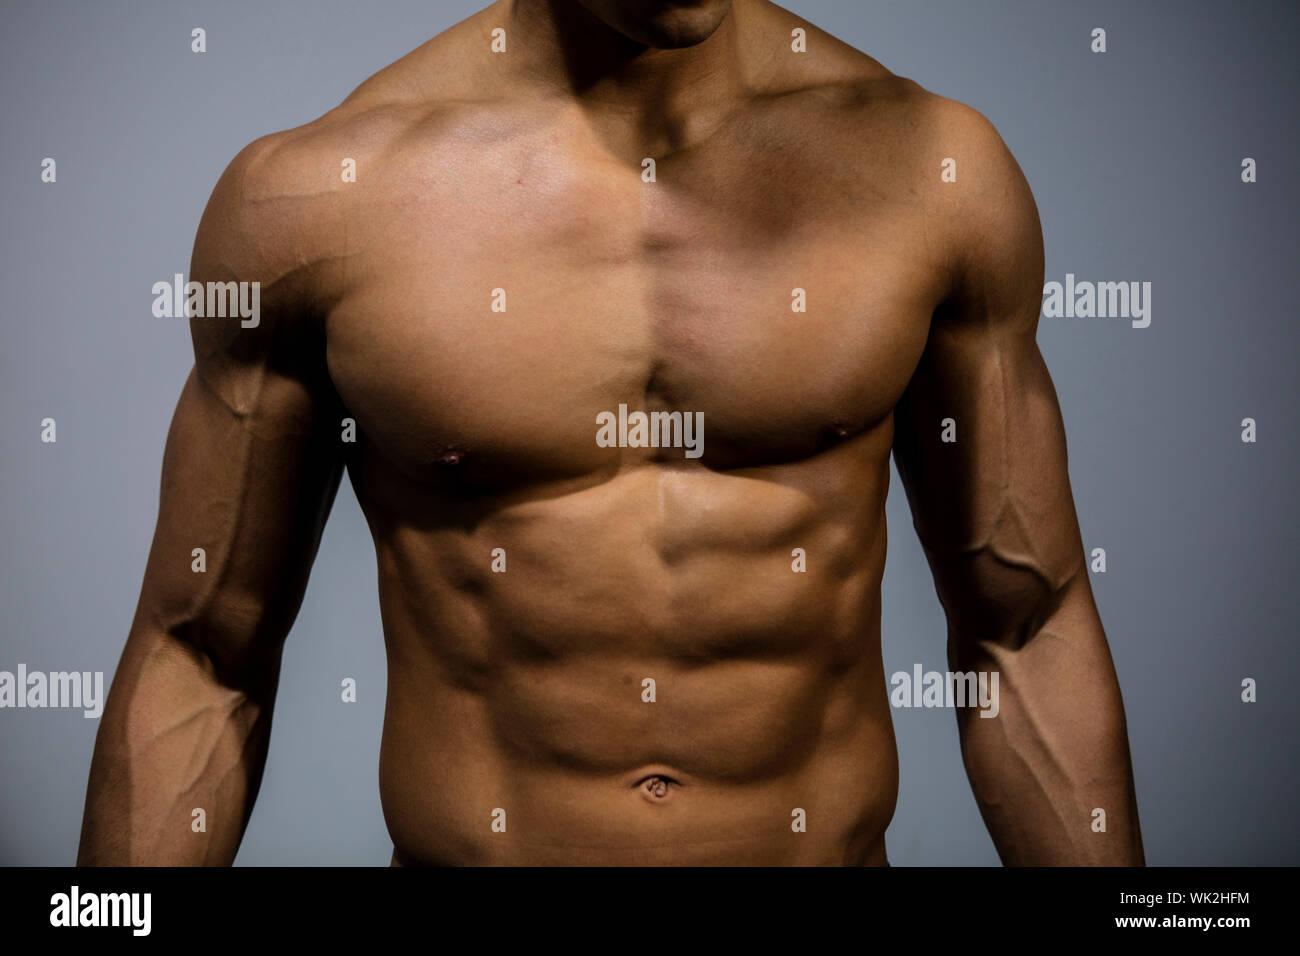 Au milieu du torse nu musclé Homme debout contre le mur Banque D'Images